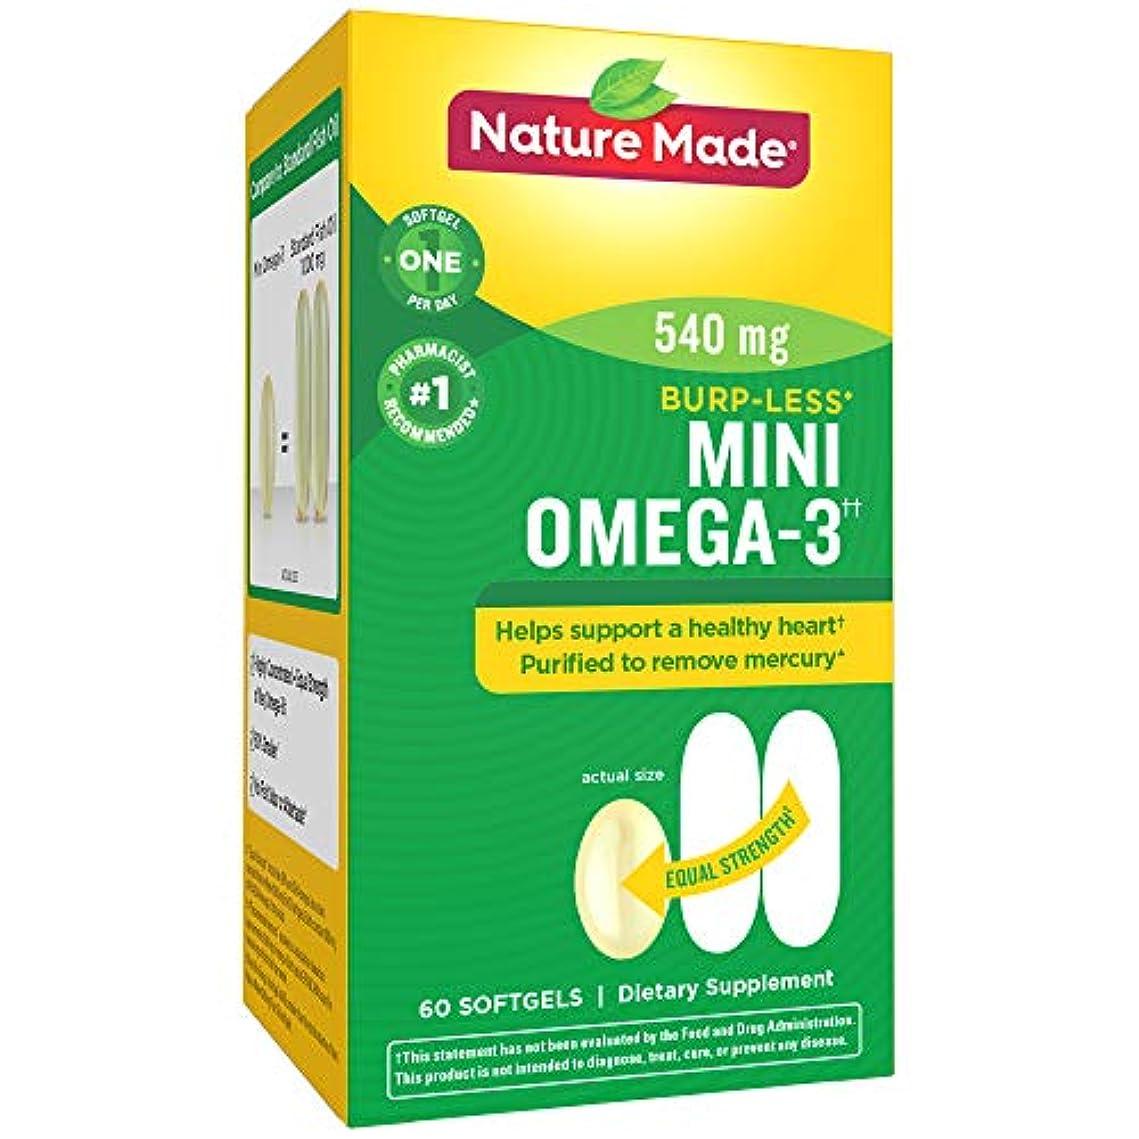 突進ストラップ消去Nature Made Super Omega-3 Fish Oil Full Strength Softgels, Mini, 60 Count 海外直送品